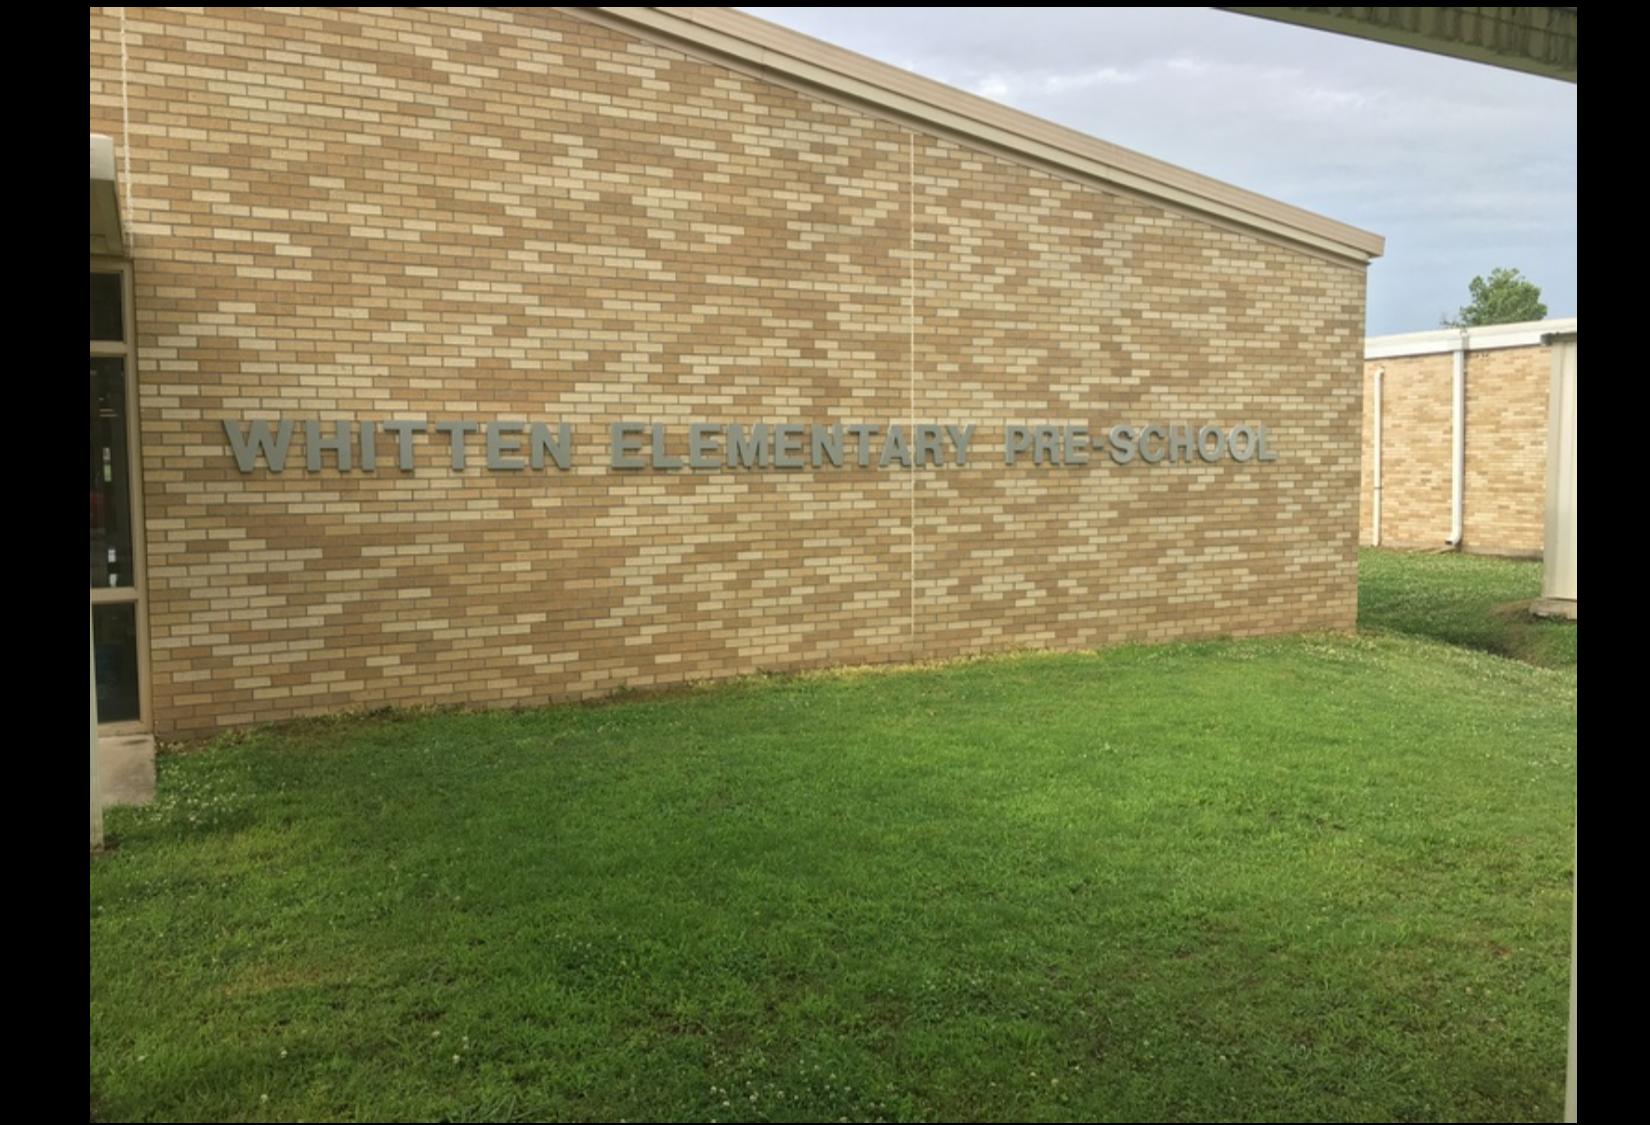 Whitten Elementary Pre-School